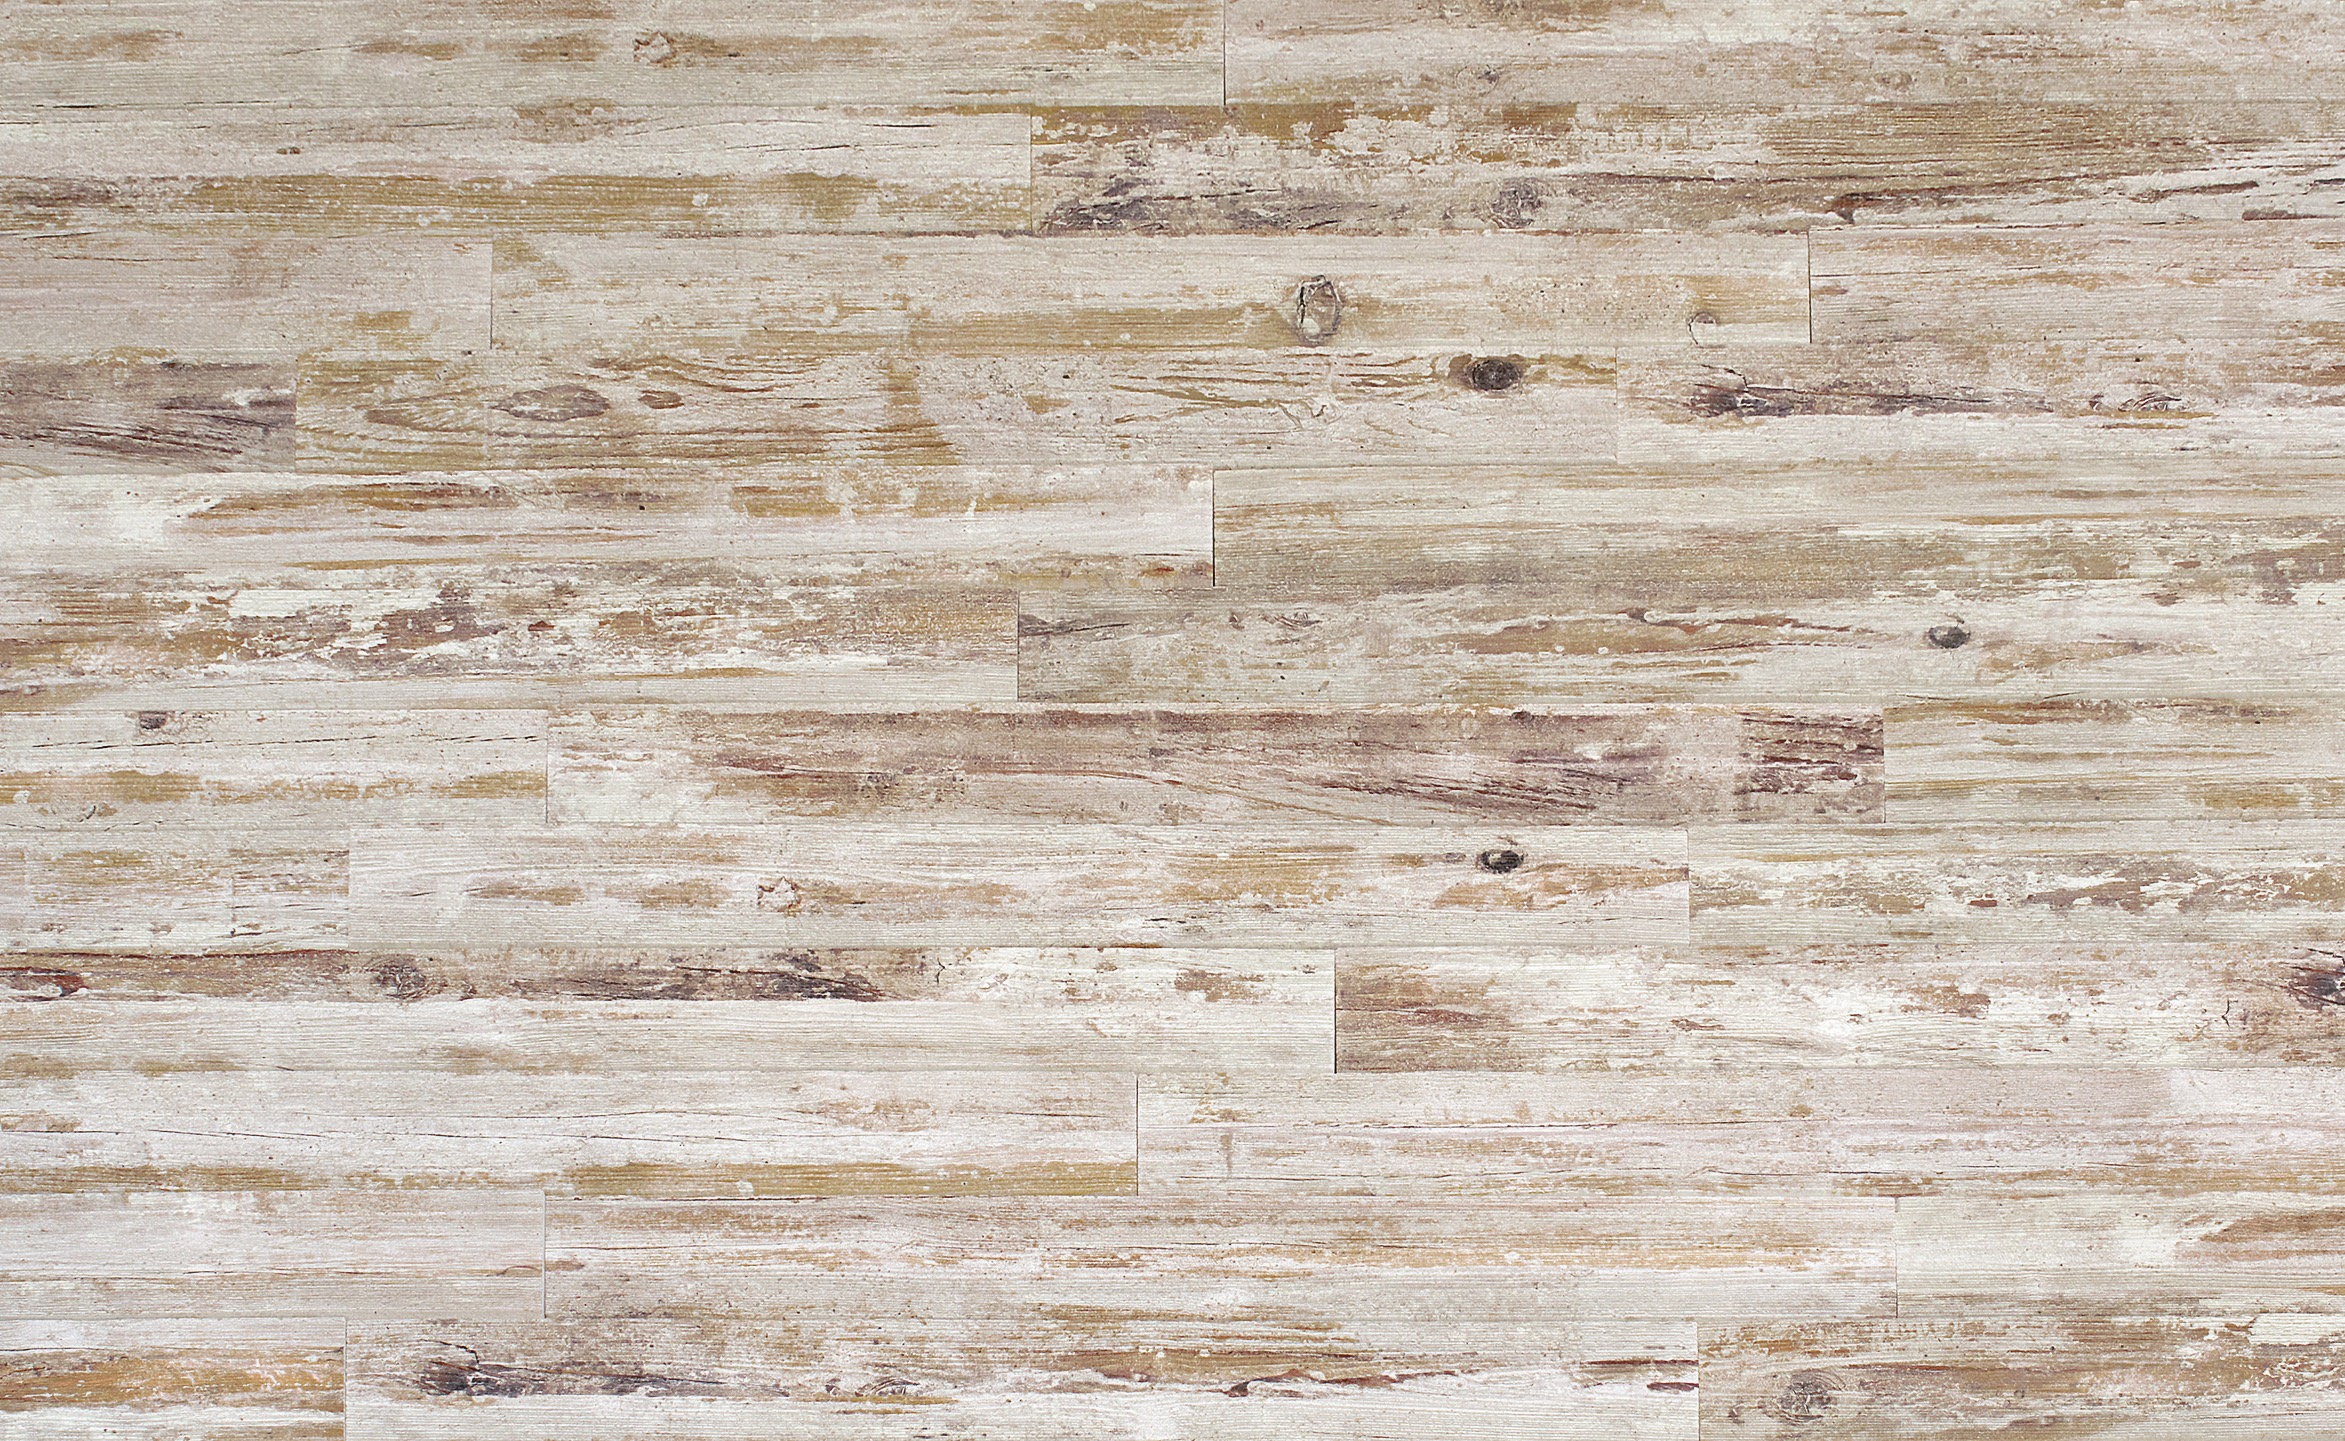 Woodie - Reclaim Wood zoom 70 MDS_4141.jpg